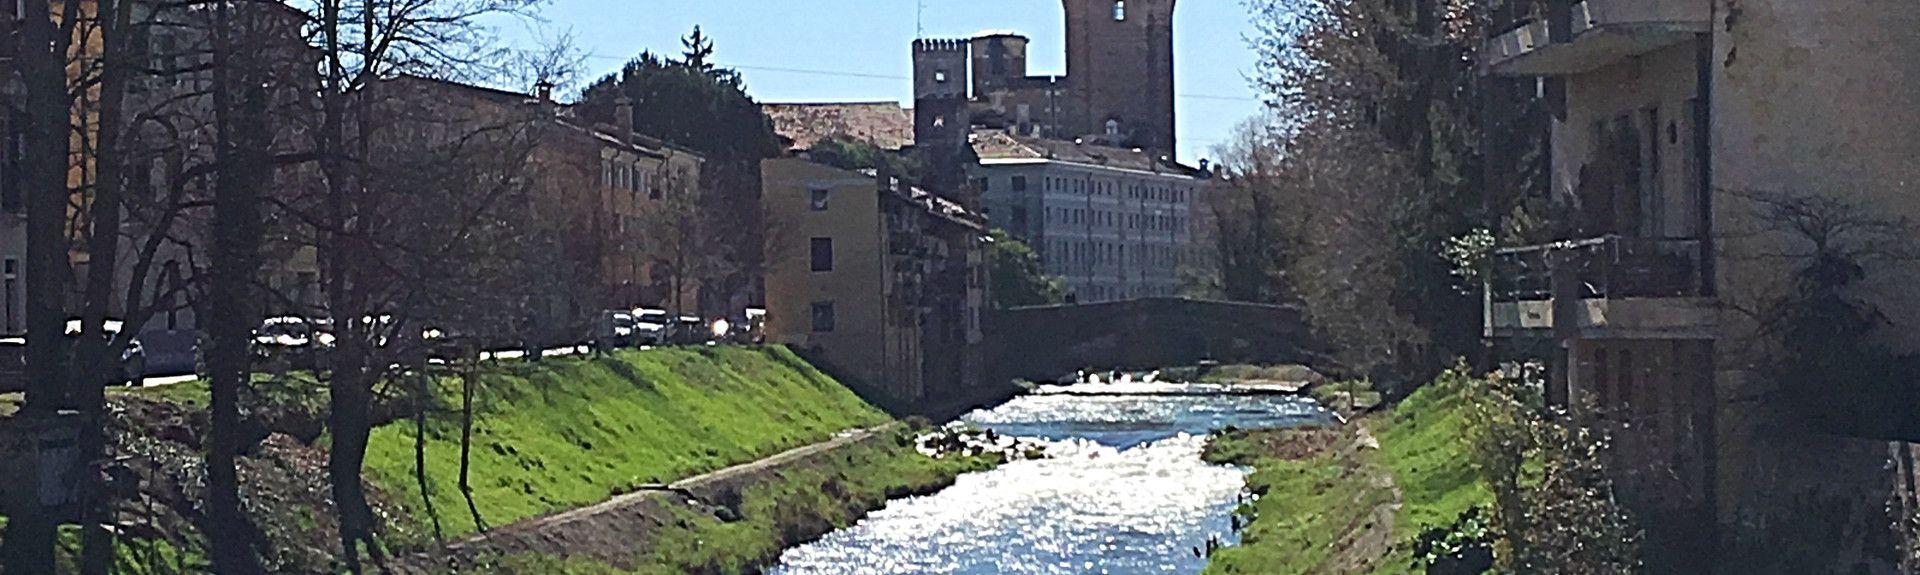 Galzignano Terme, Veneto, Italy